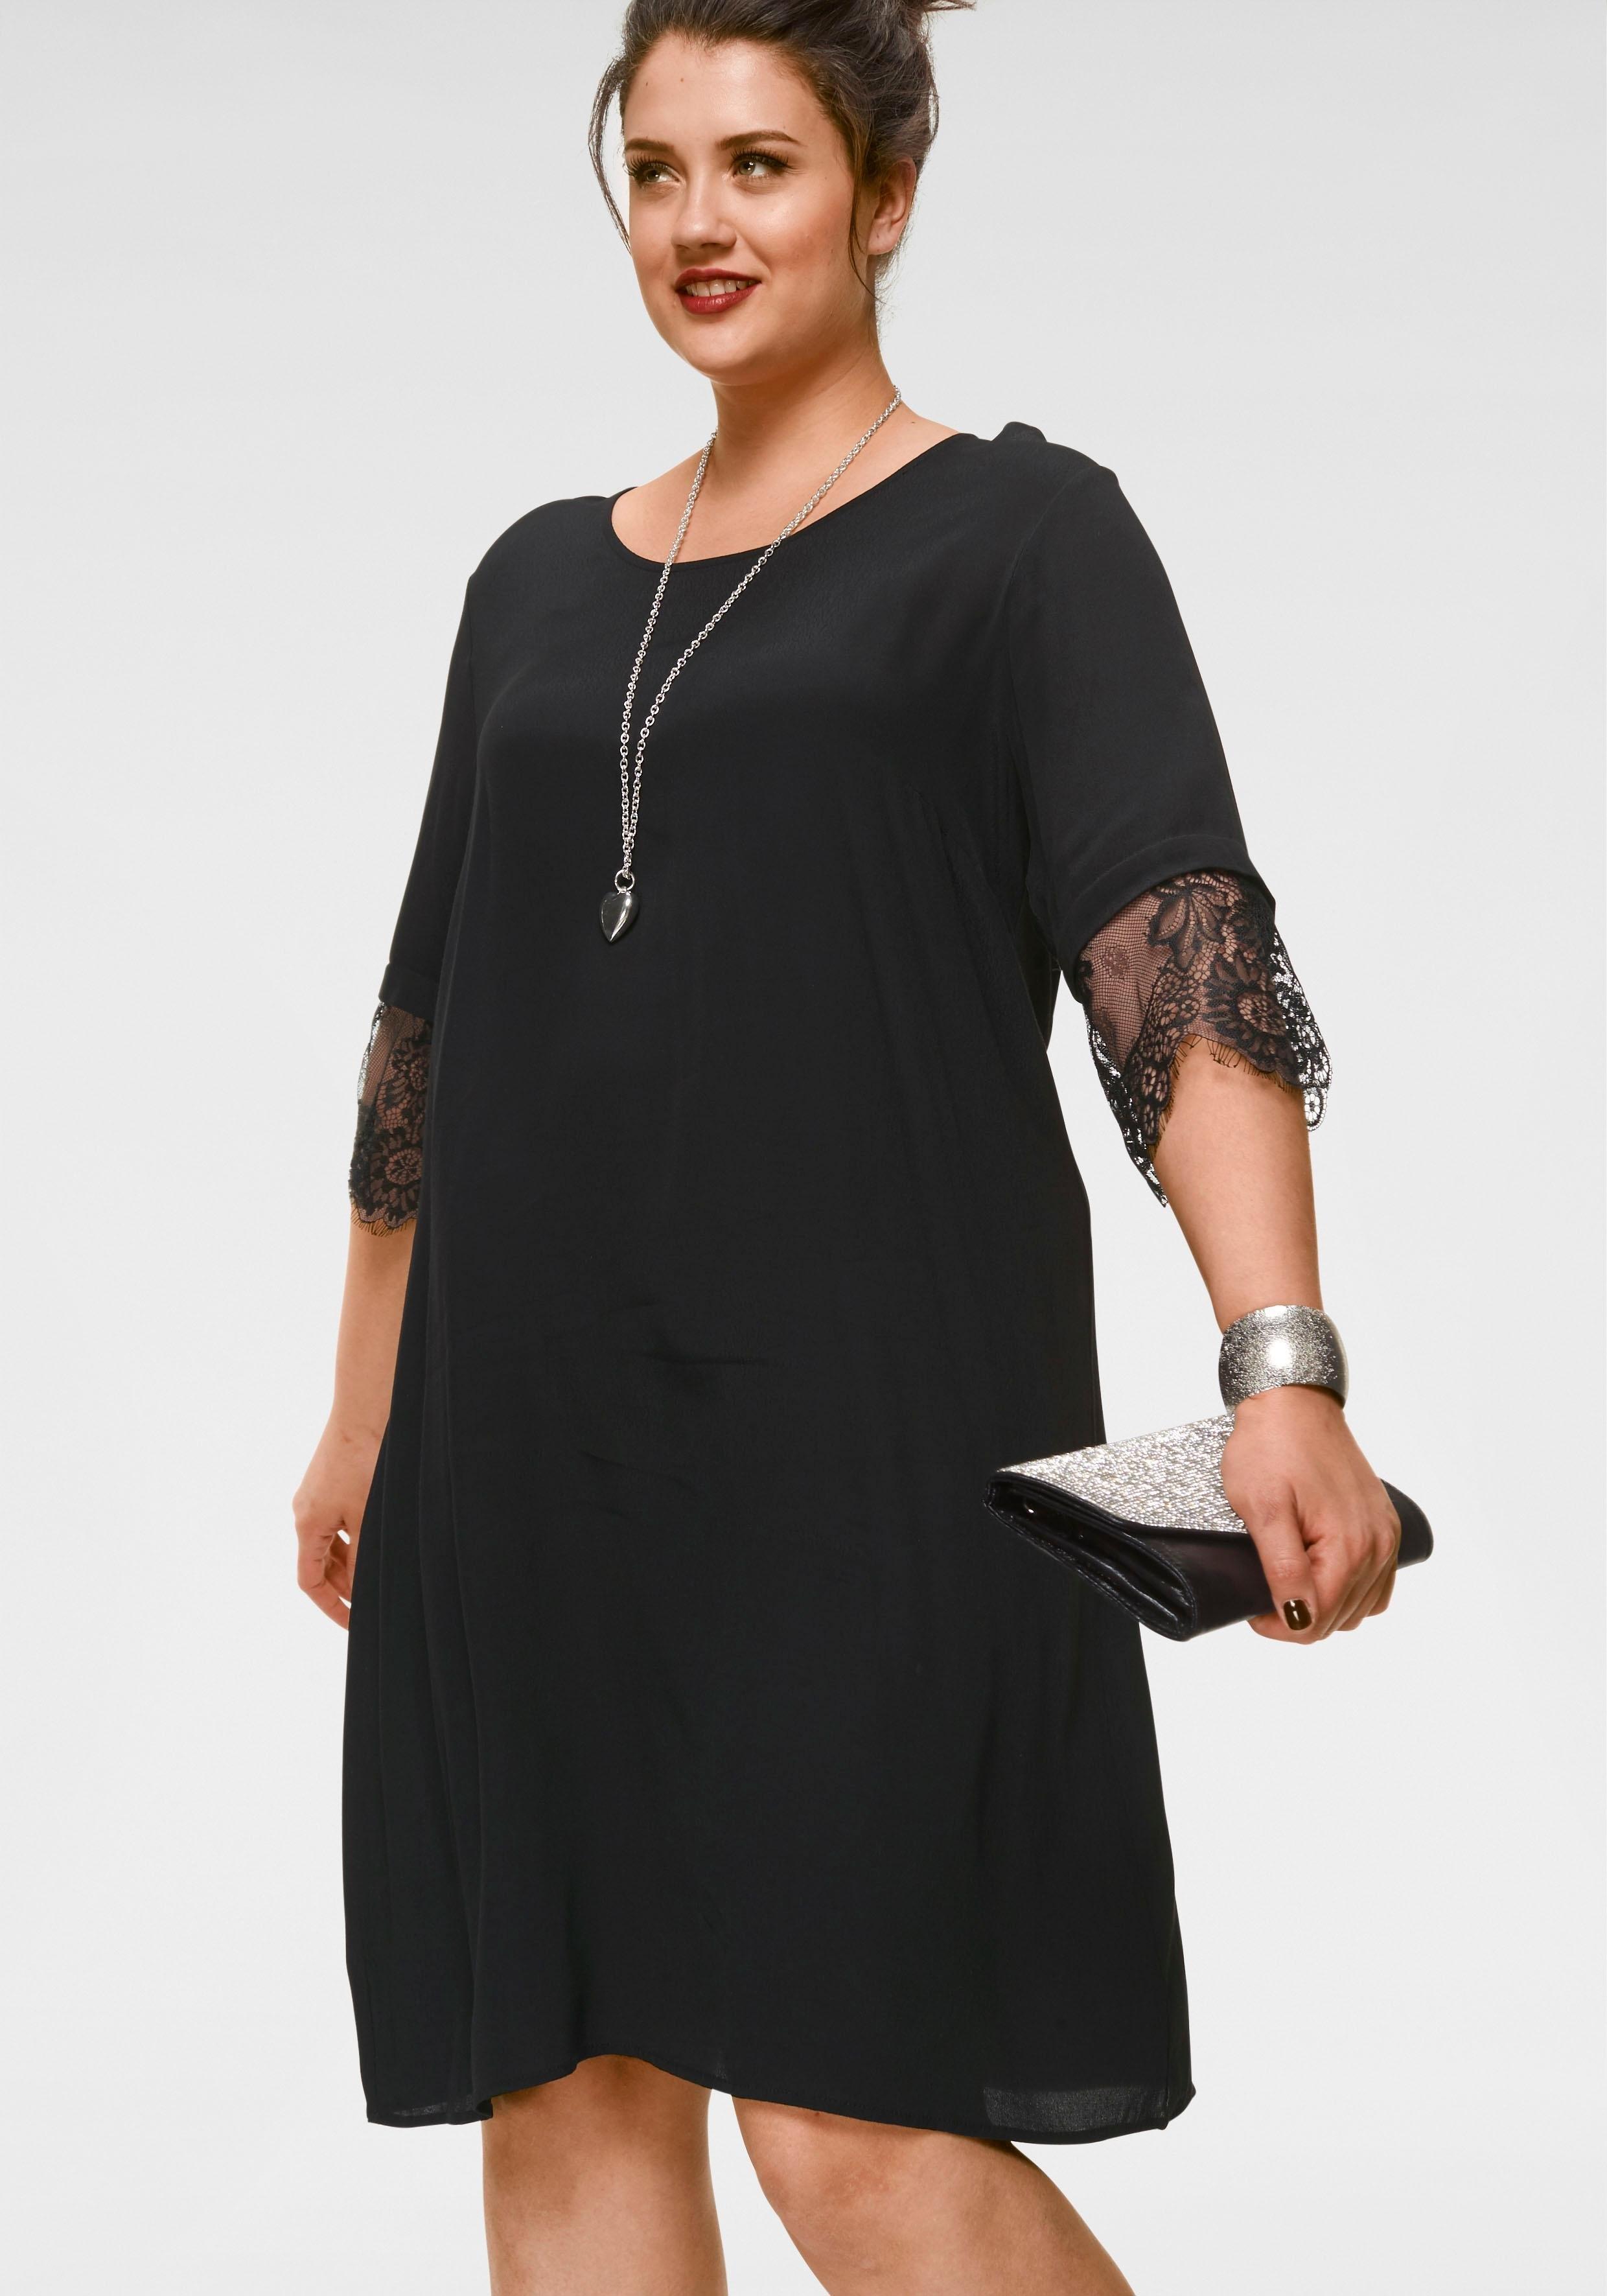 Zizzi kanten jurk nu online bestellen